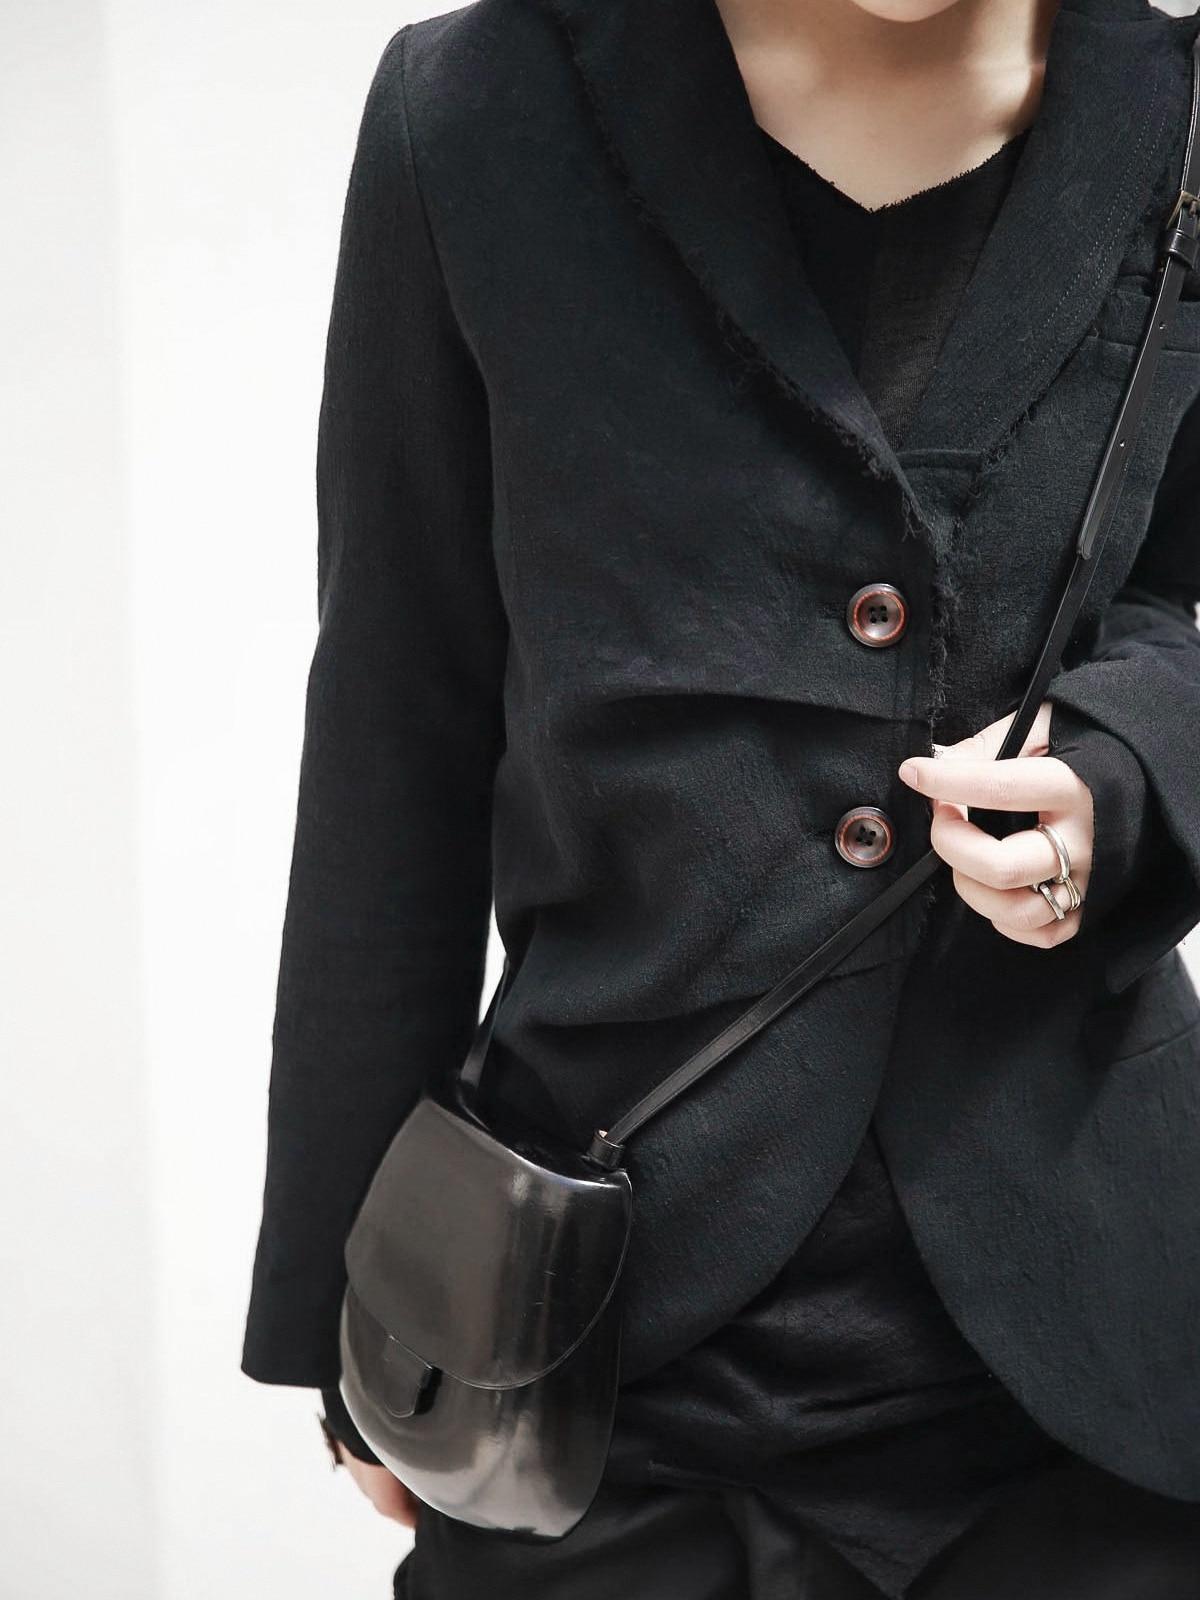 Noir Pli Marée Nouveau Longues Revers De Ji093 Femmes Lâche 2019 Manches Black eam Irrégulière Jacquard Veste Printemps Mode Manteau Ourlet AqCYpTw